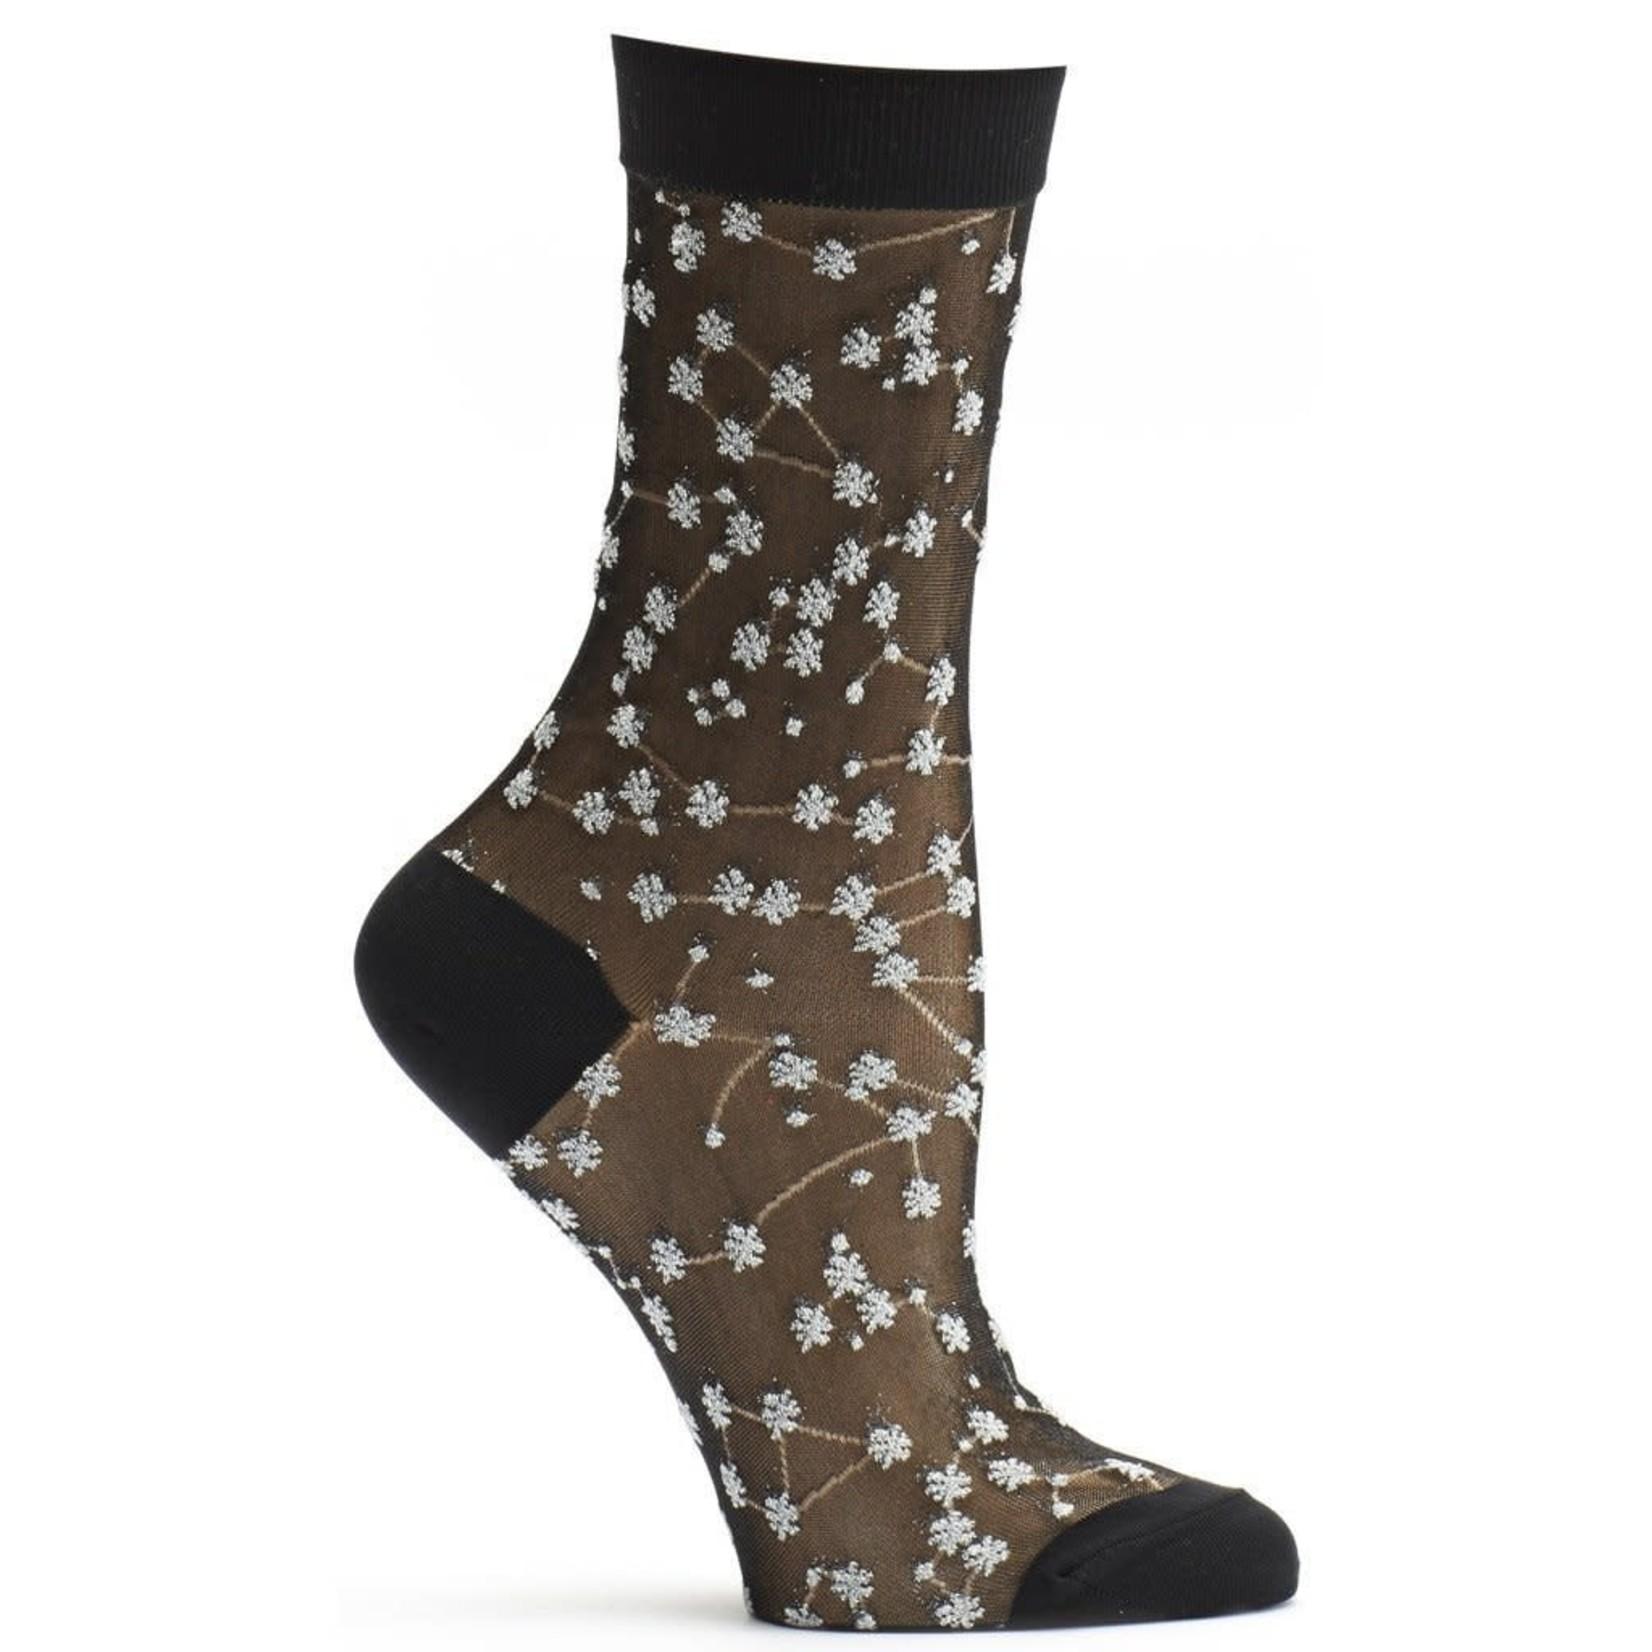 Ozone Socks Sheer Zodiac Socks in Silver